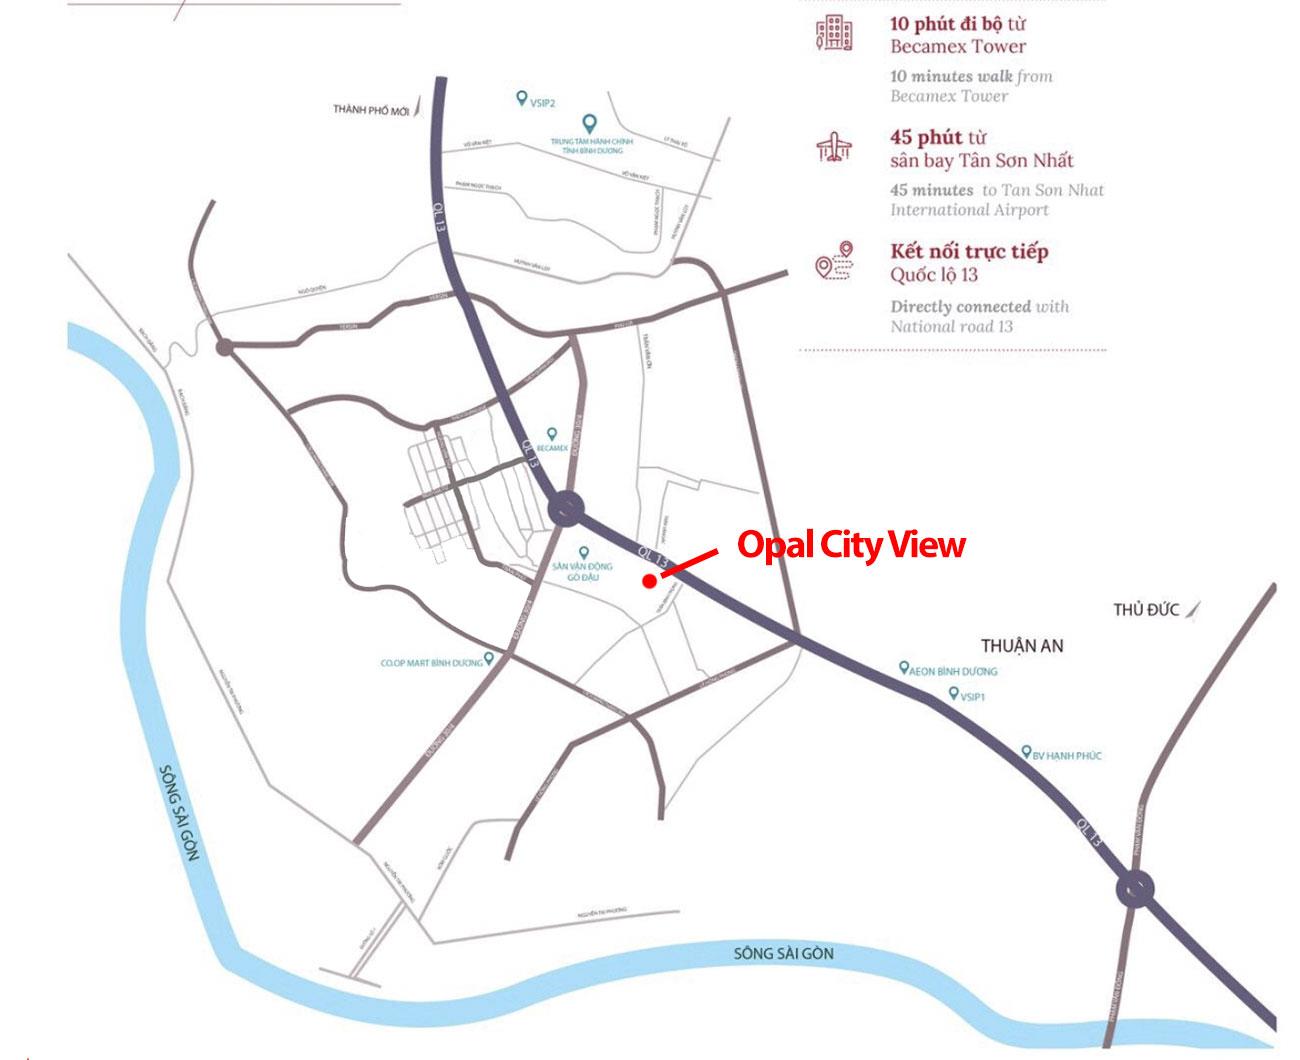 Vị trí dự án căn hộ Opal Cityview Bình Dương